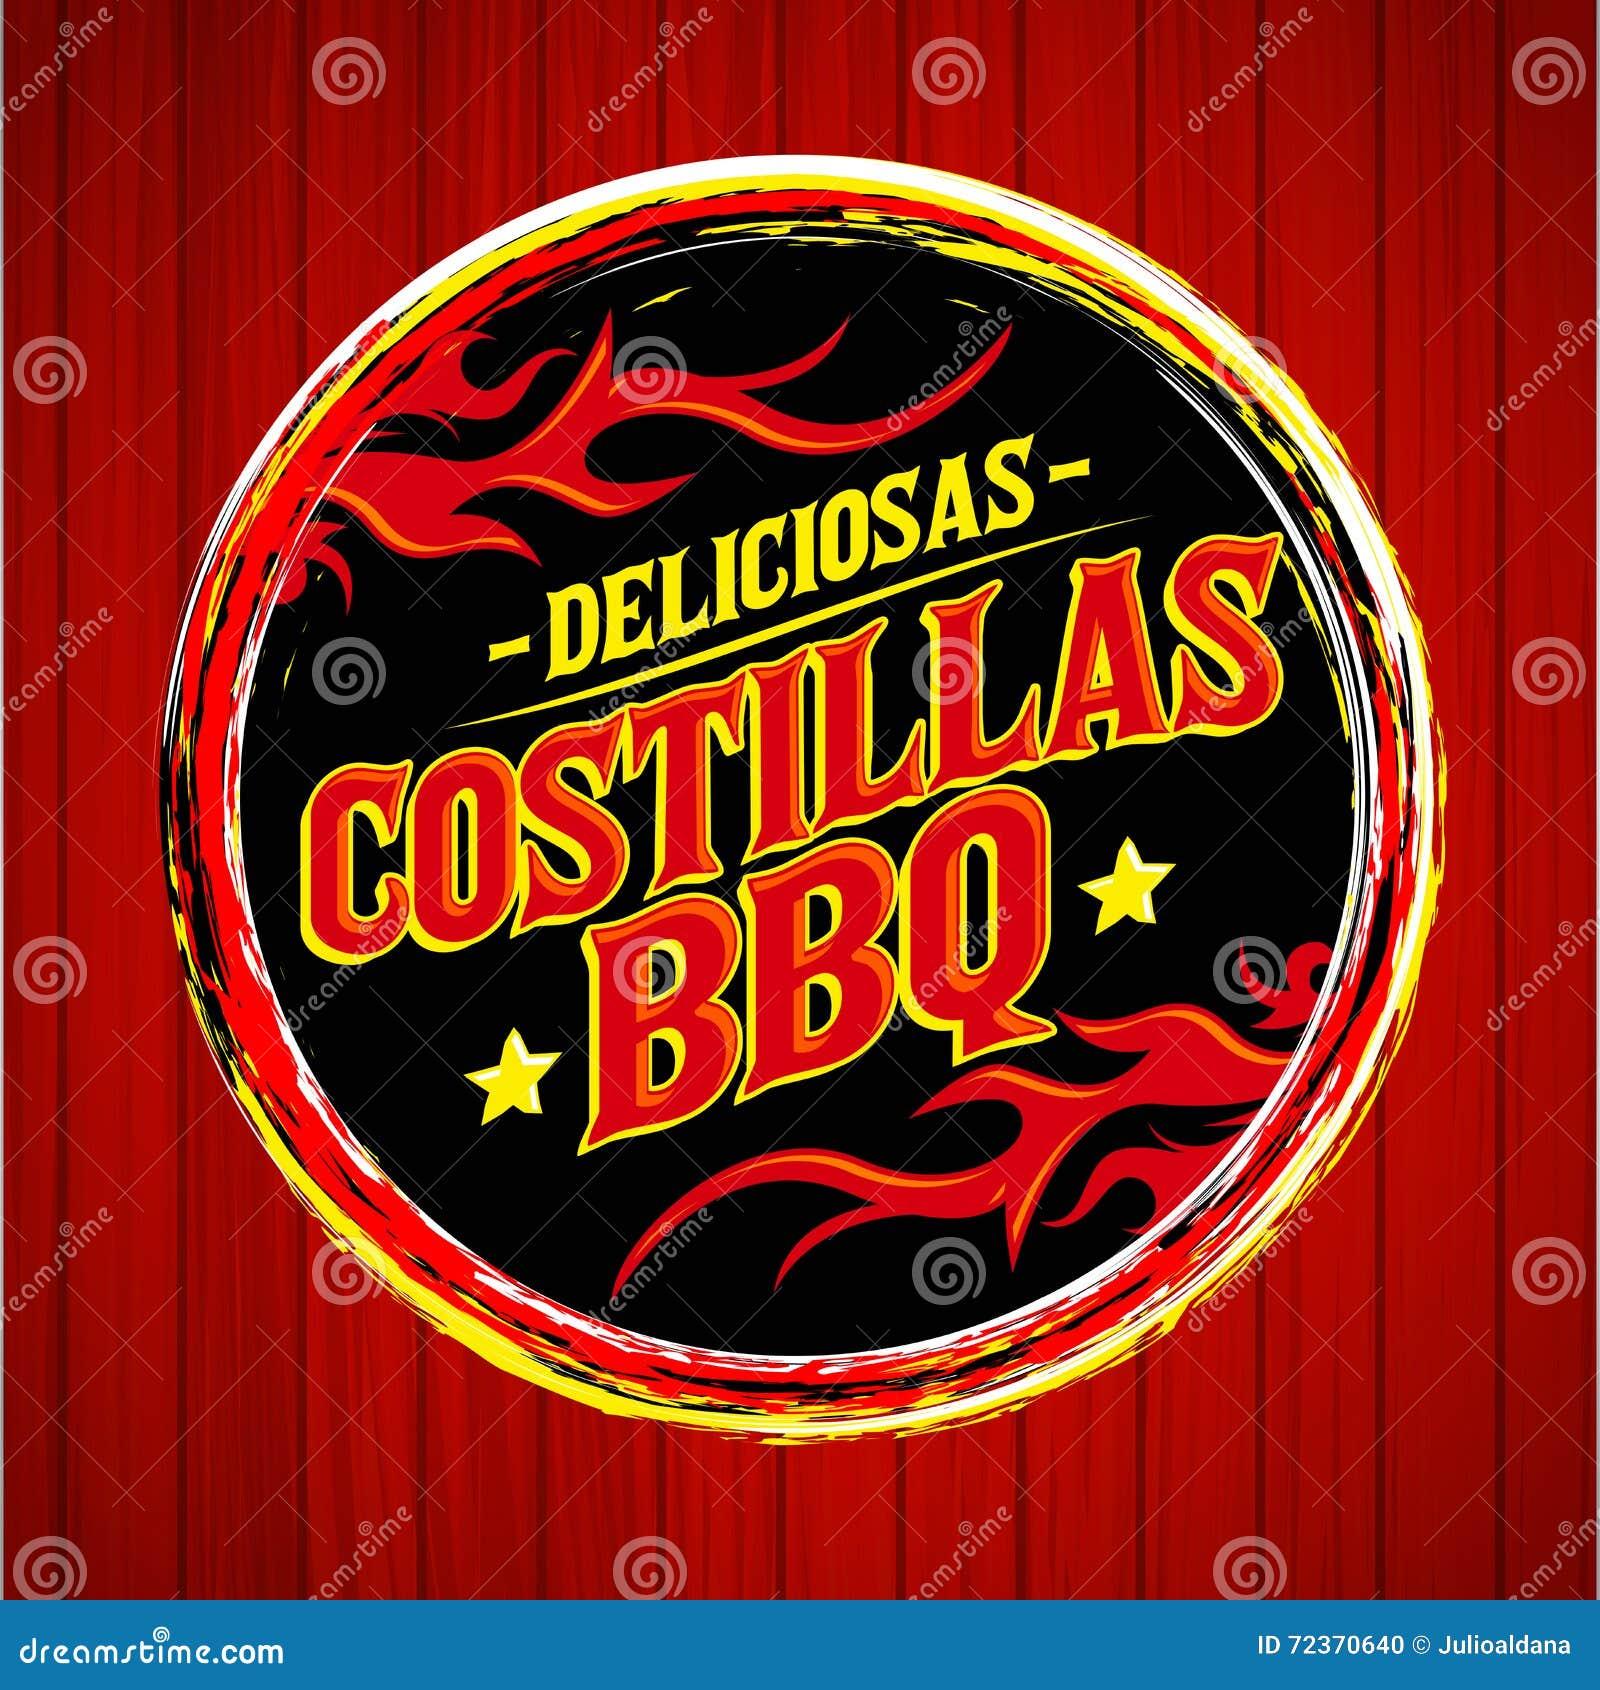 Deliciosas Costillas BBQ -可口BBQ取笑西班牙文本